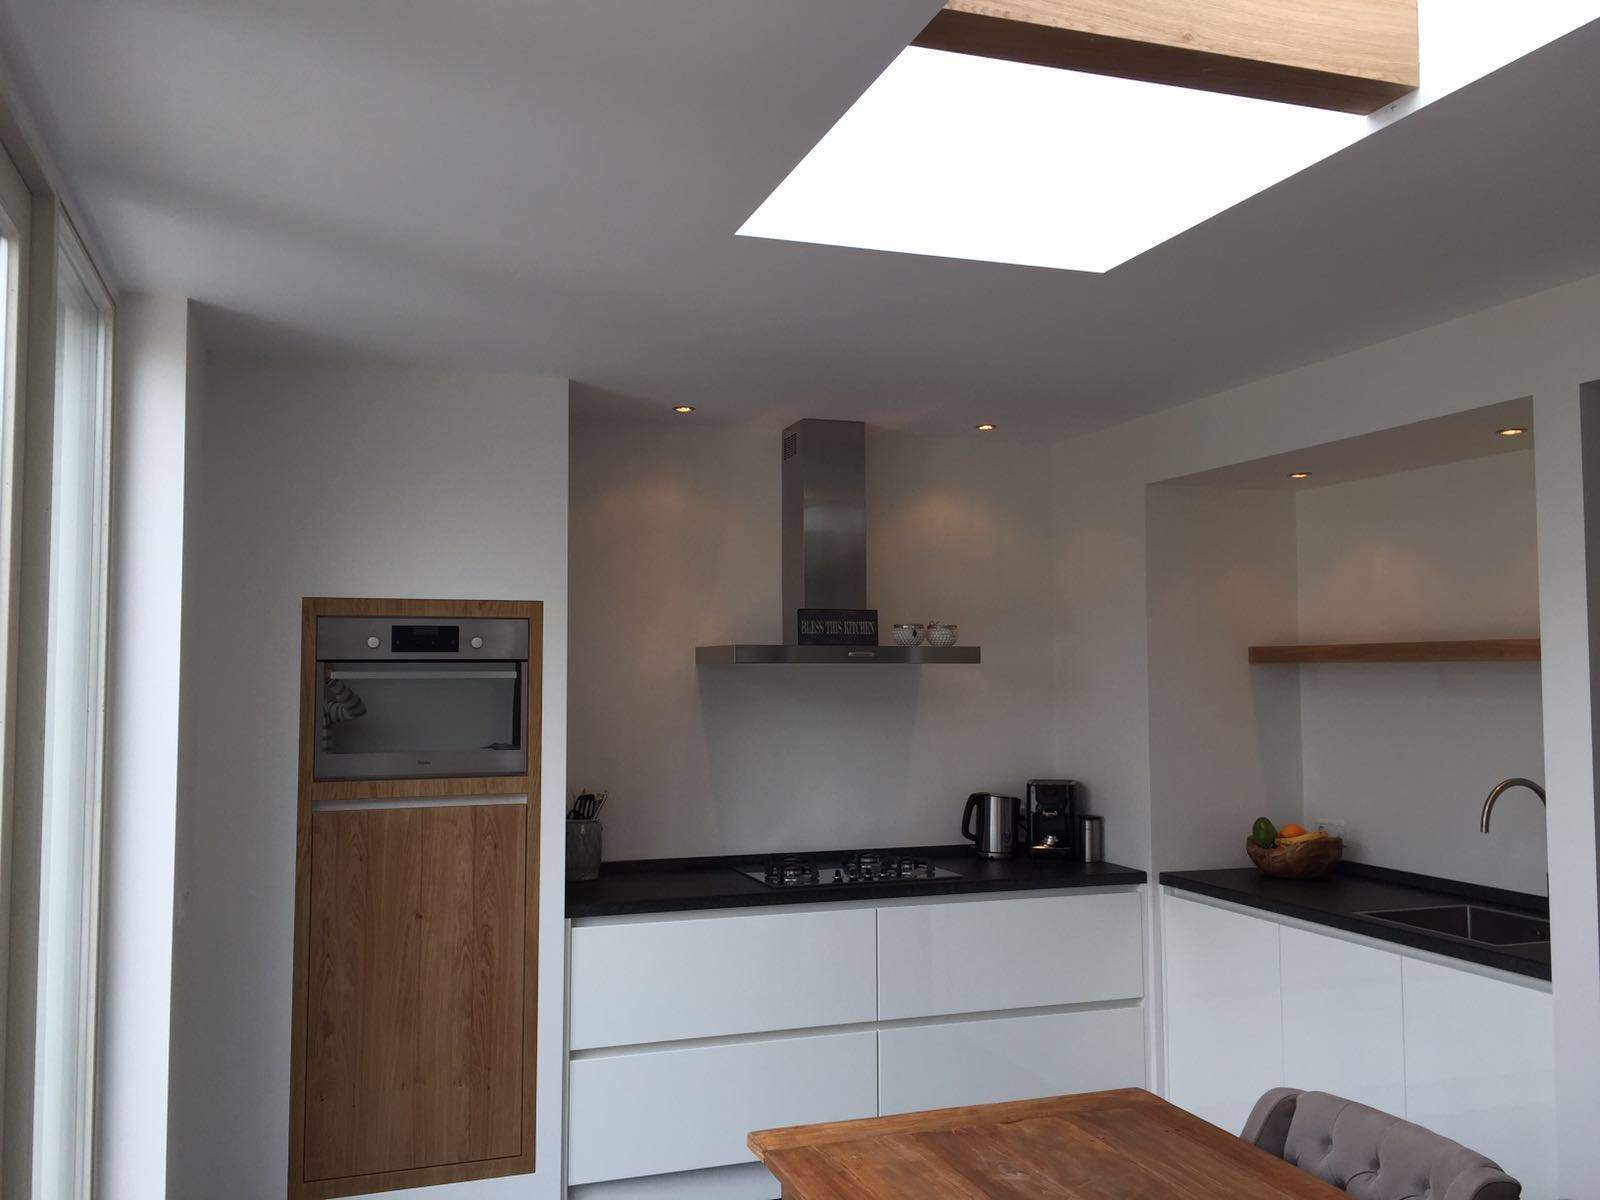 Greeploze keuken met houtelementen van doren maatinterieurs - Hout en witte keuken ...